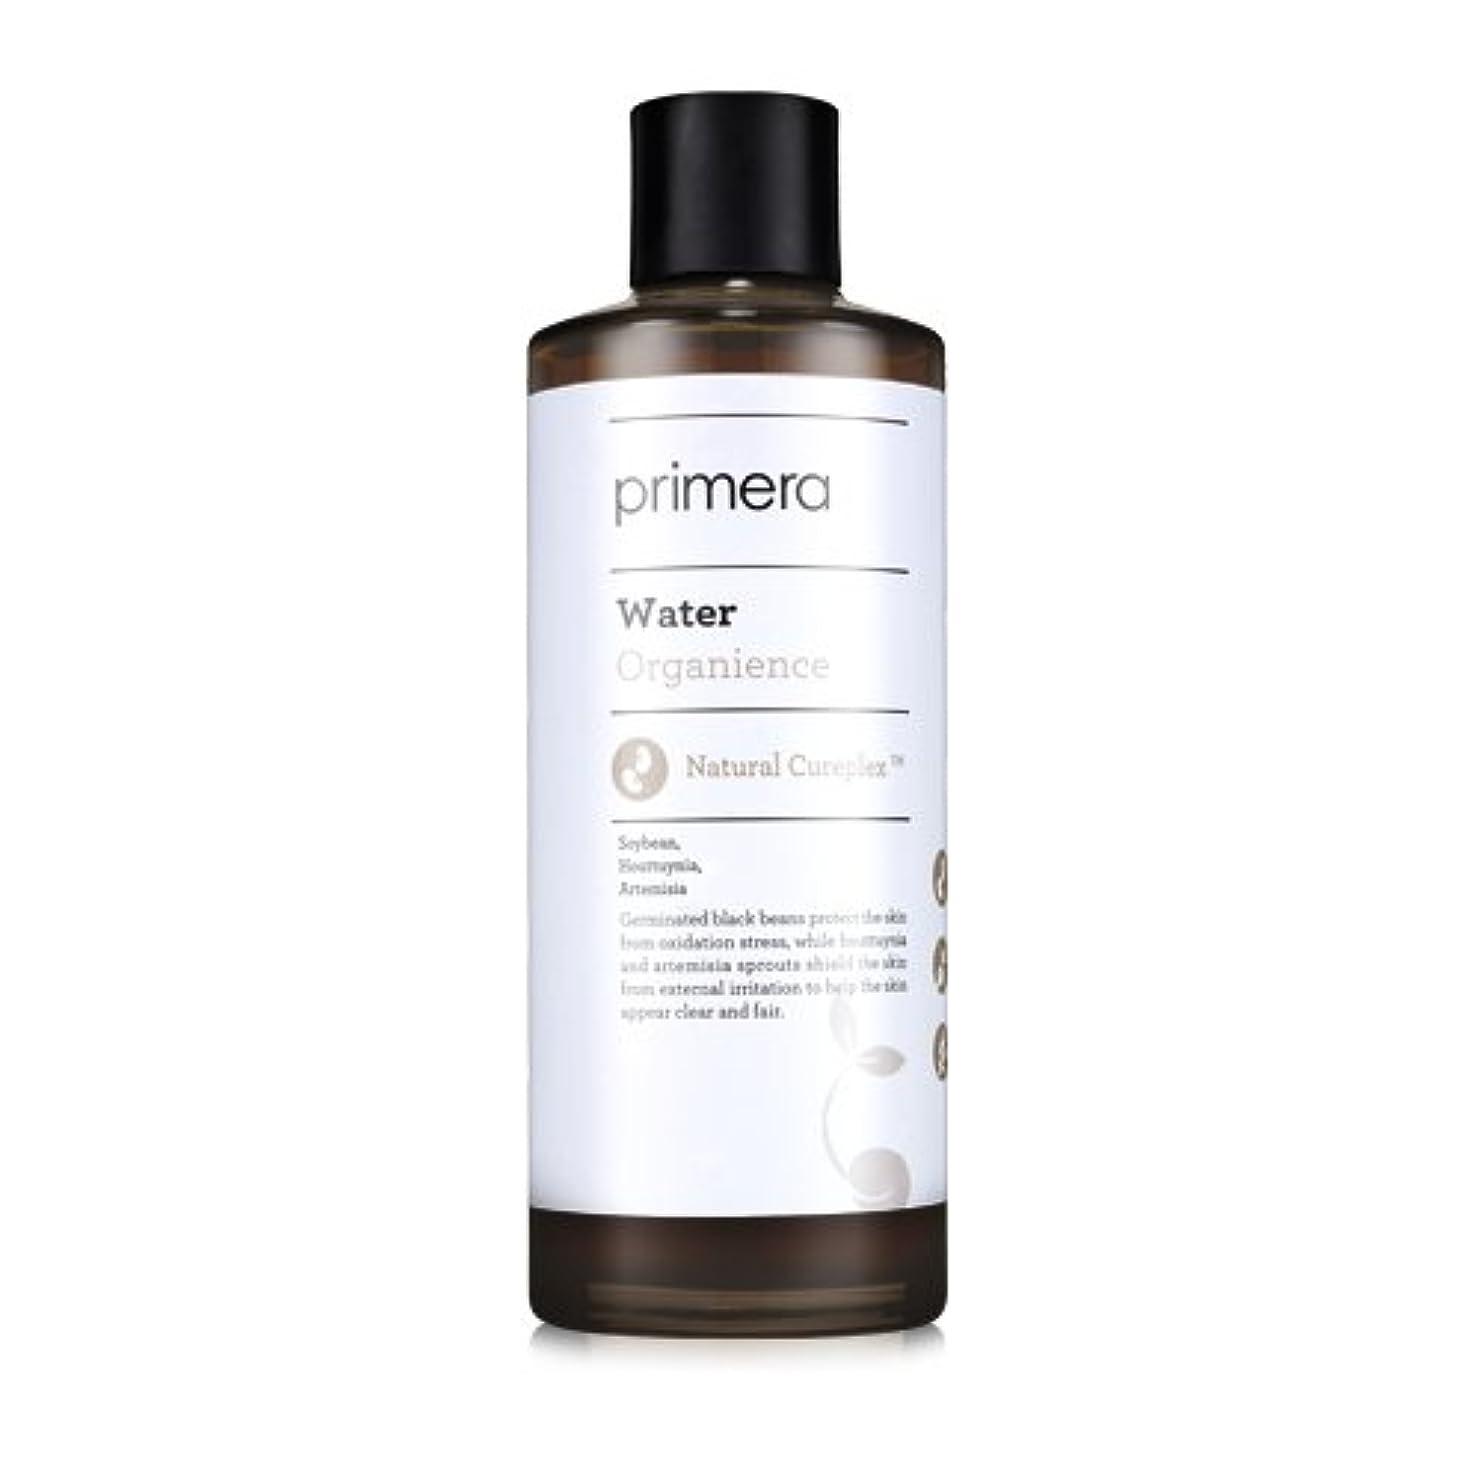 困難かりて誓うPRIMERA プリメラ オーガニエンス エマルジョン(Organience Emulsion)乳液 150ml